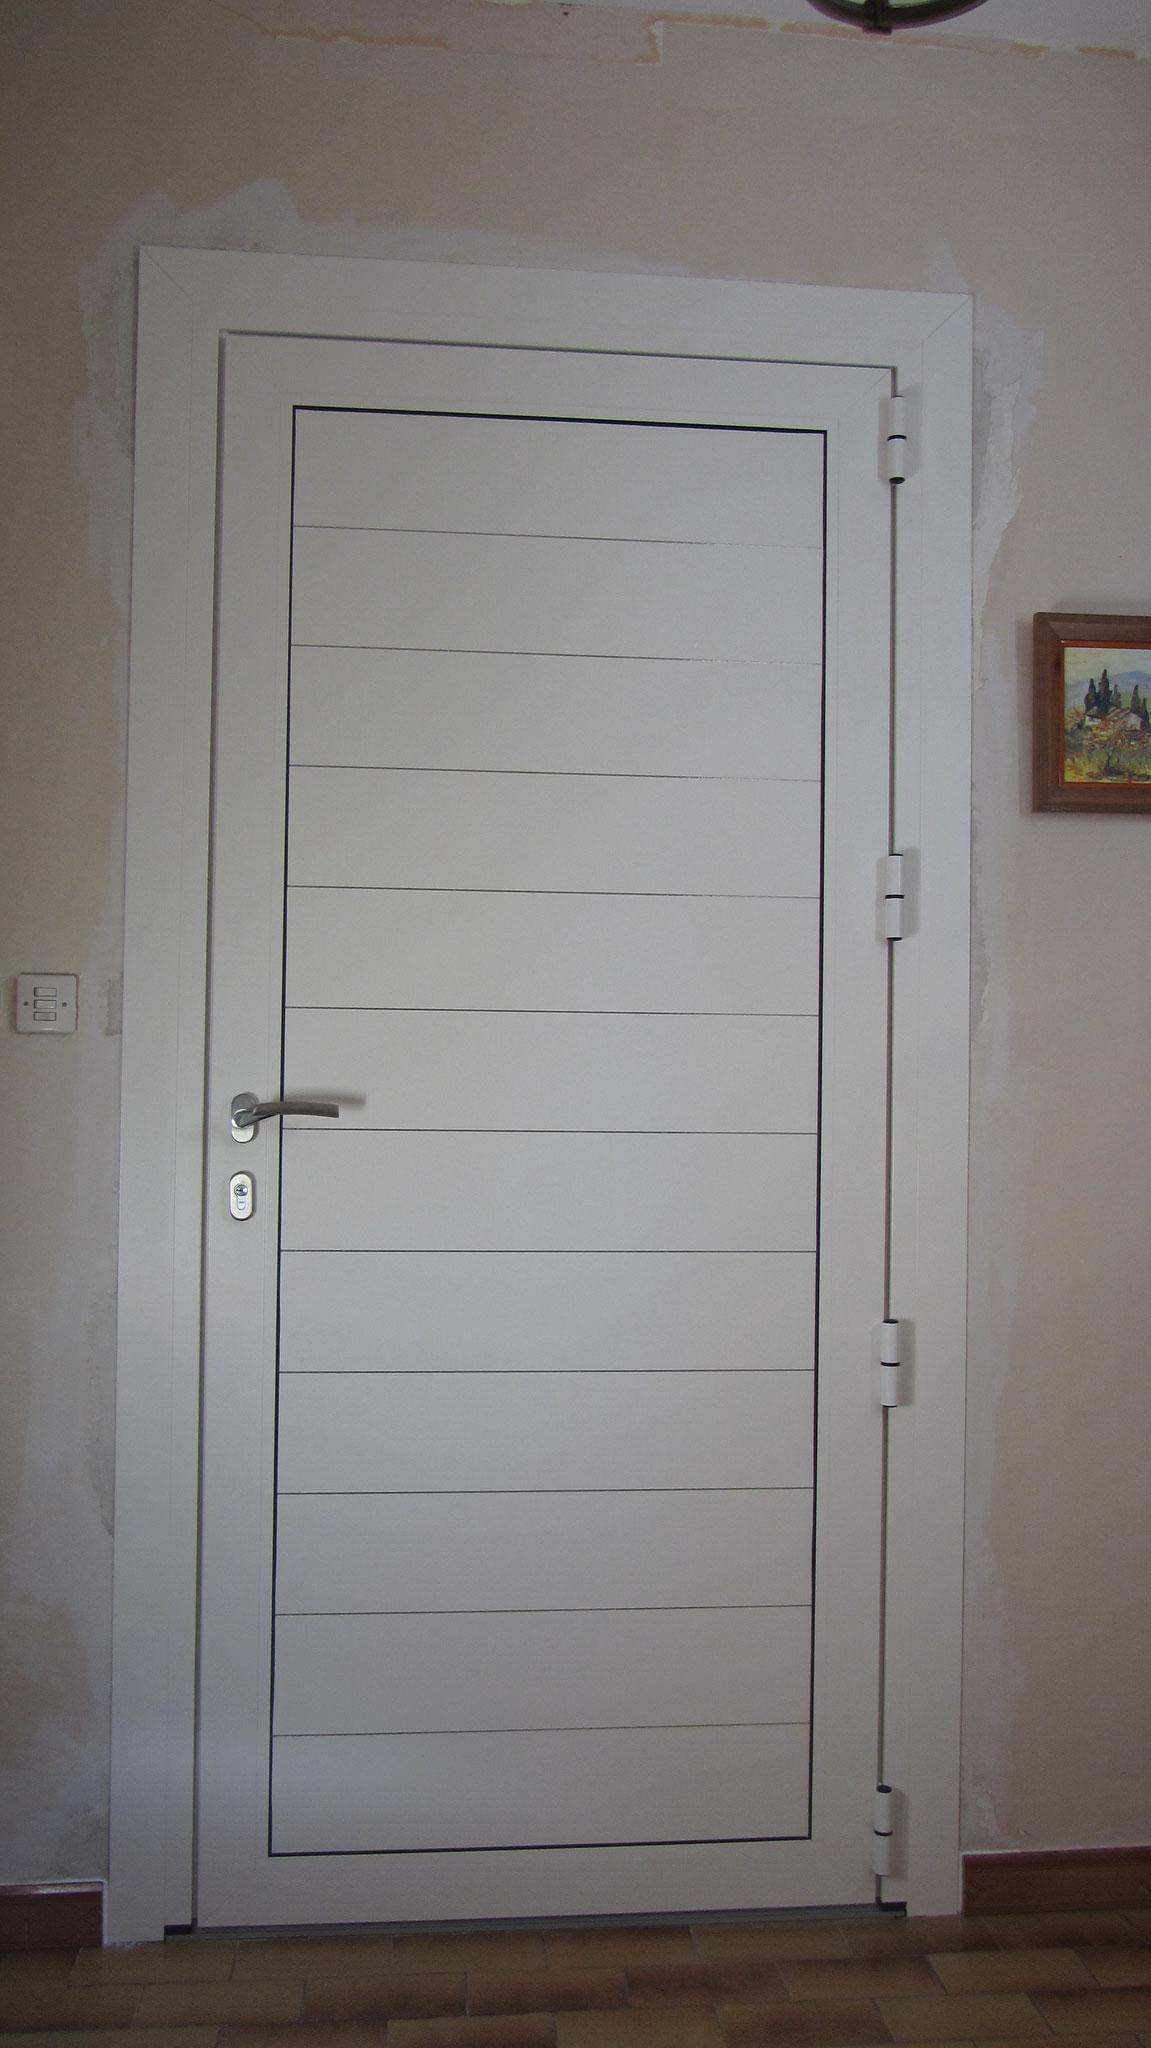 porte d 39 entr e et porte d 39 int rieur menuiserie arts d co. Black Bedroom Furniture Sets. Home Design Ideas